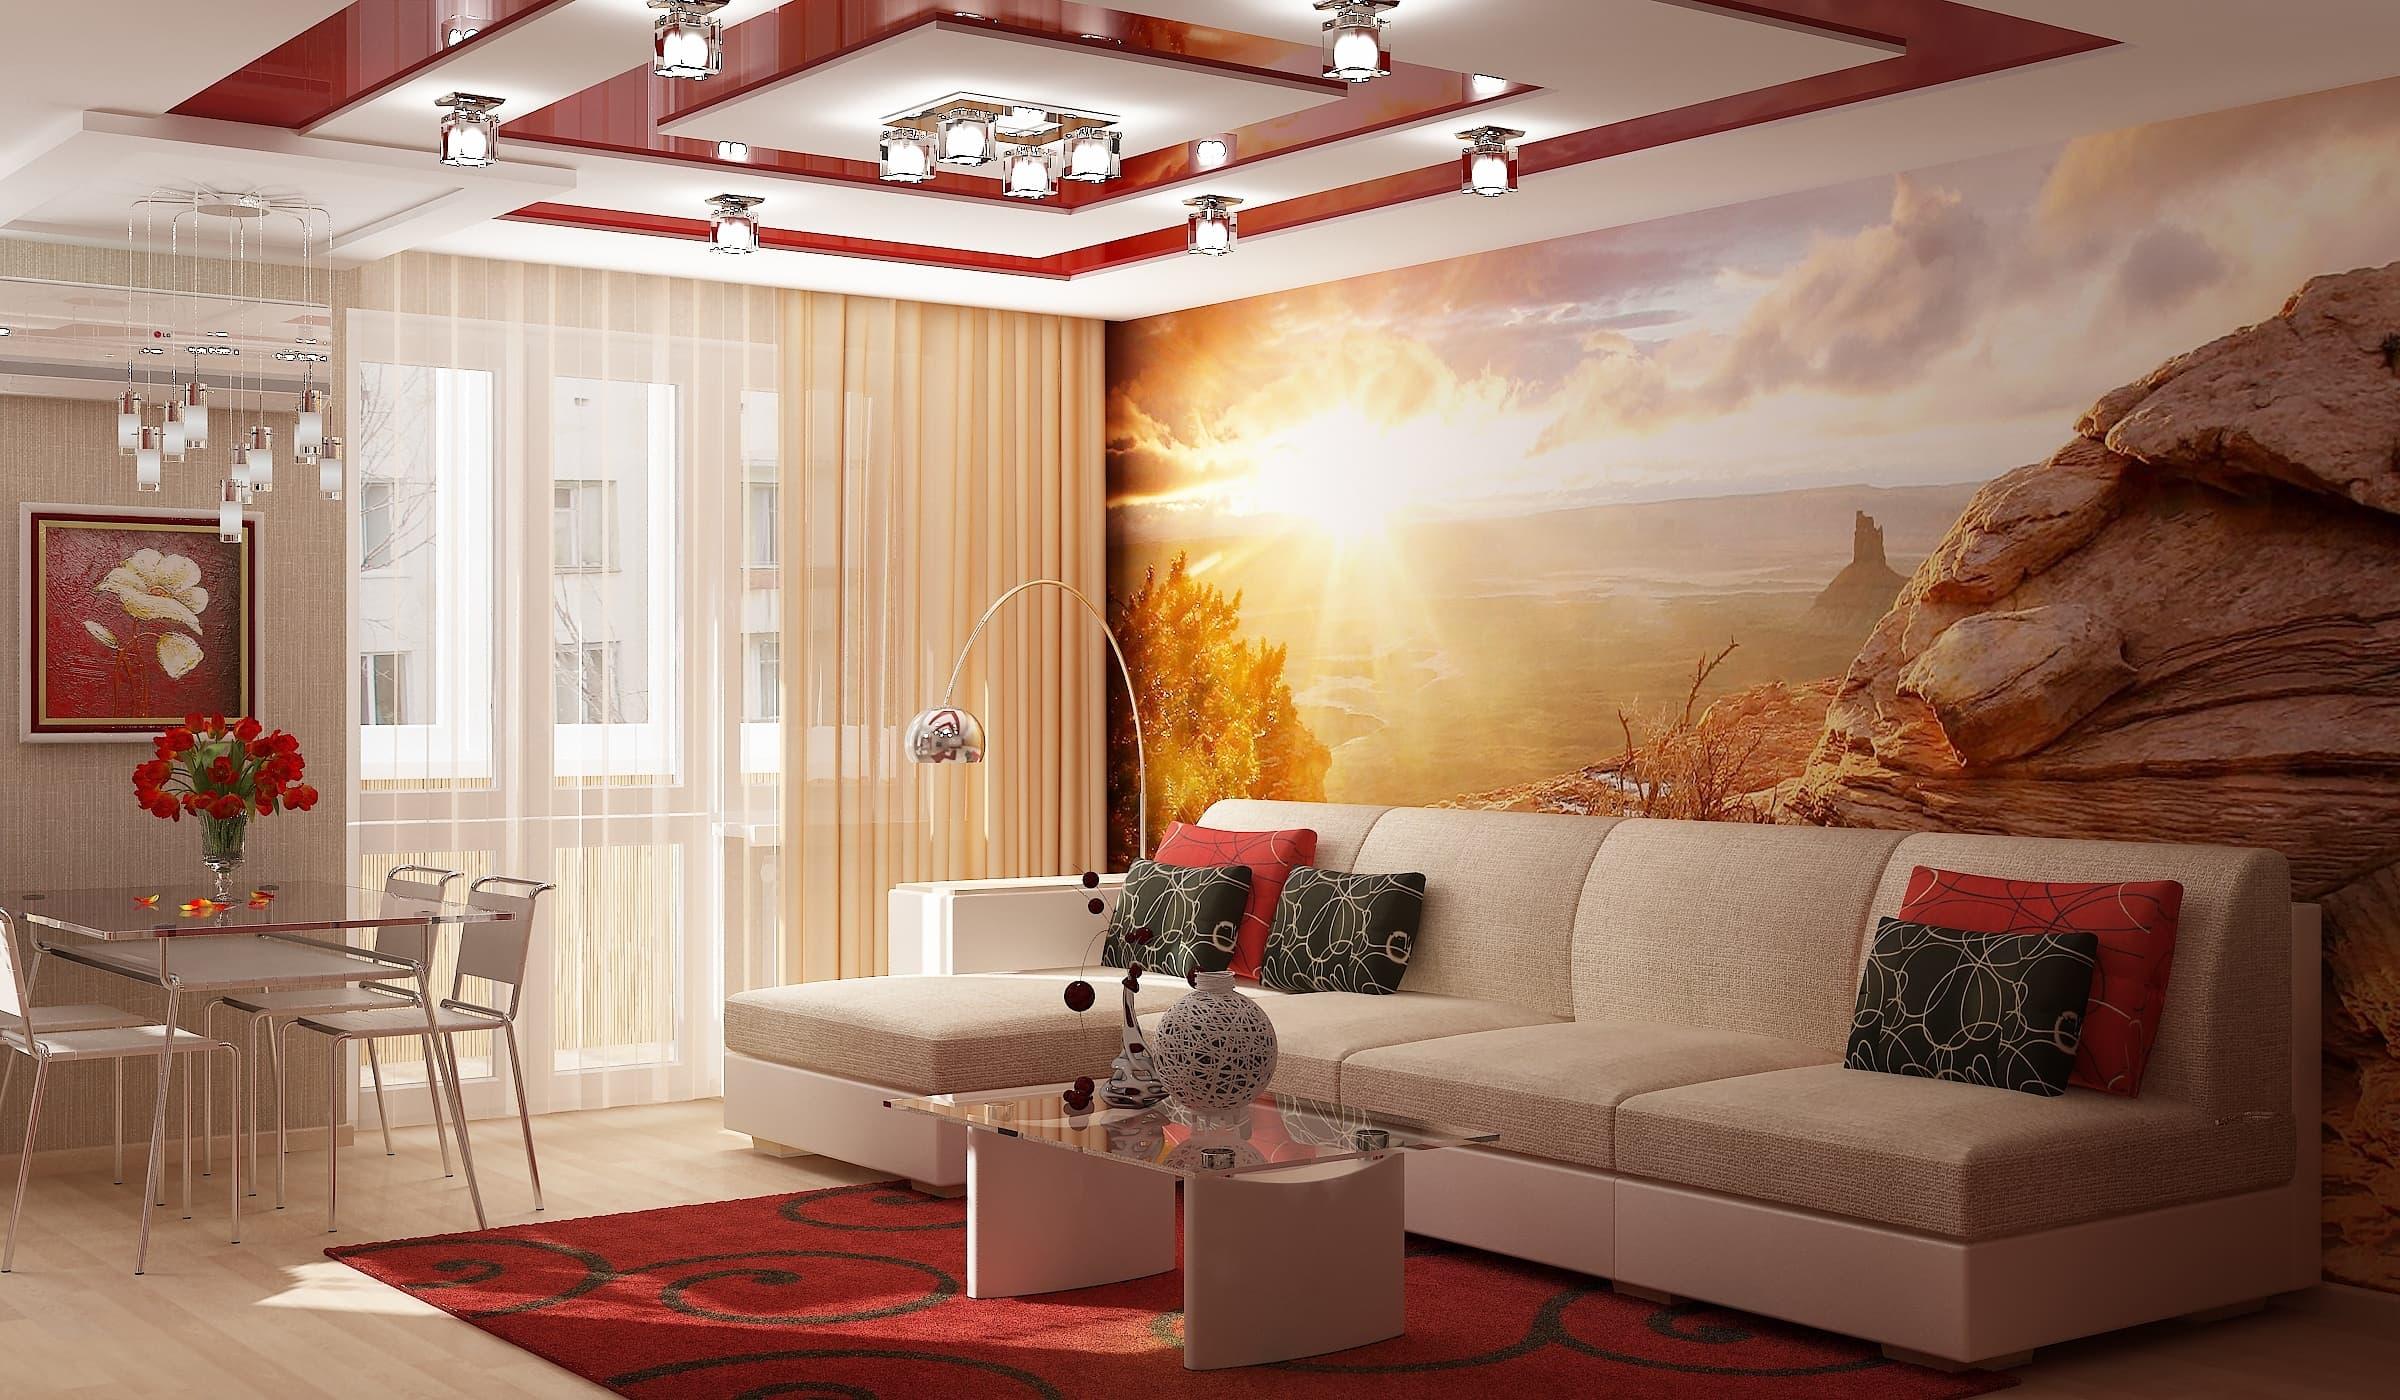 можете опять-таки хорошие картинки для зала нас любят отдыхать